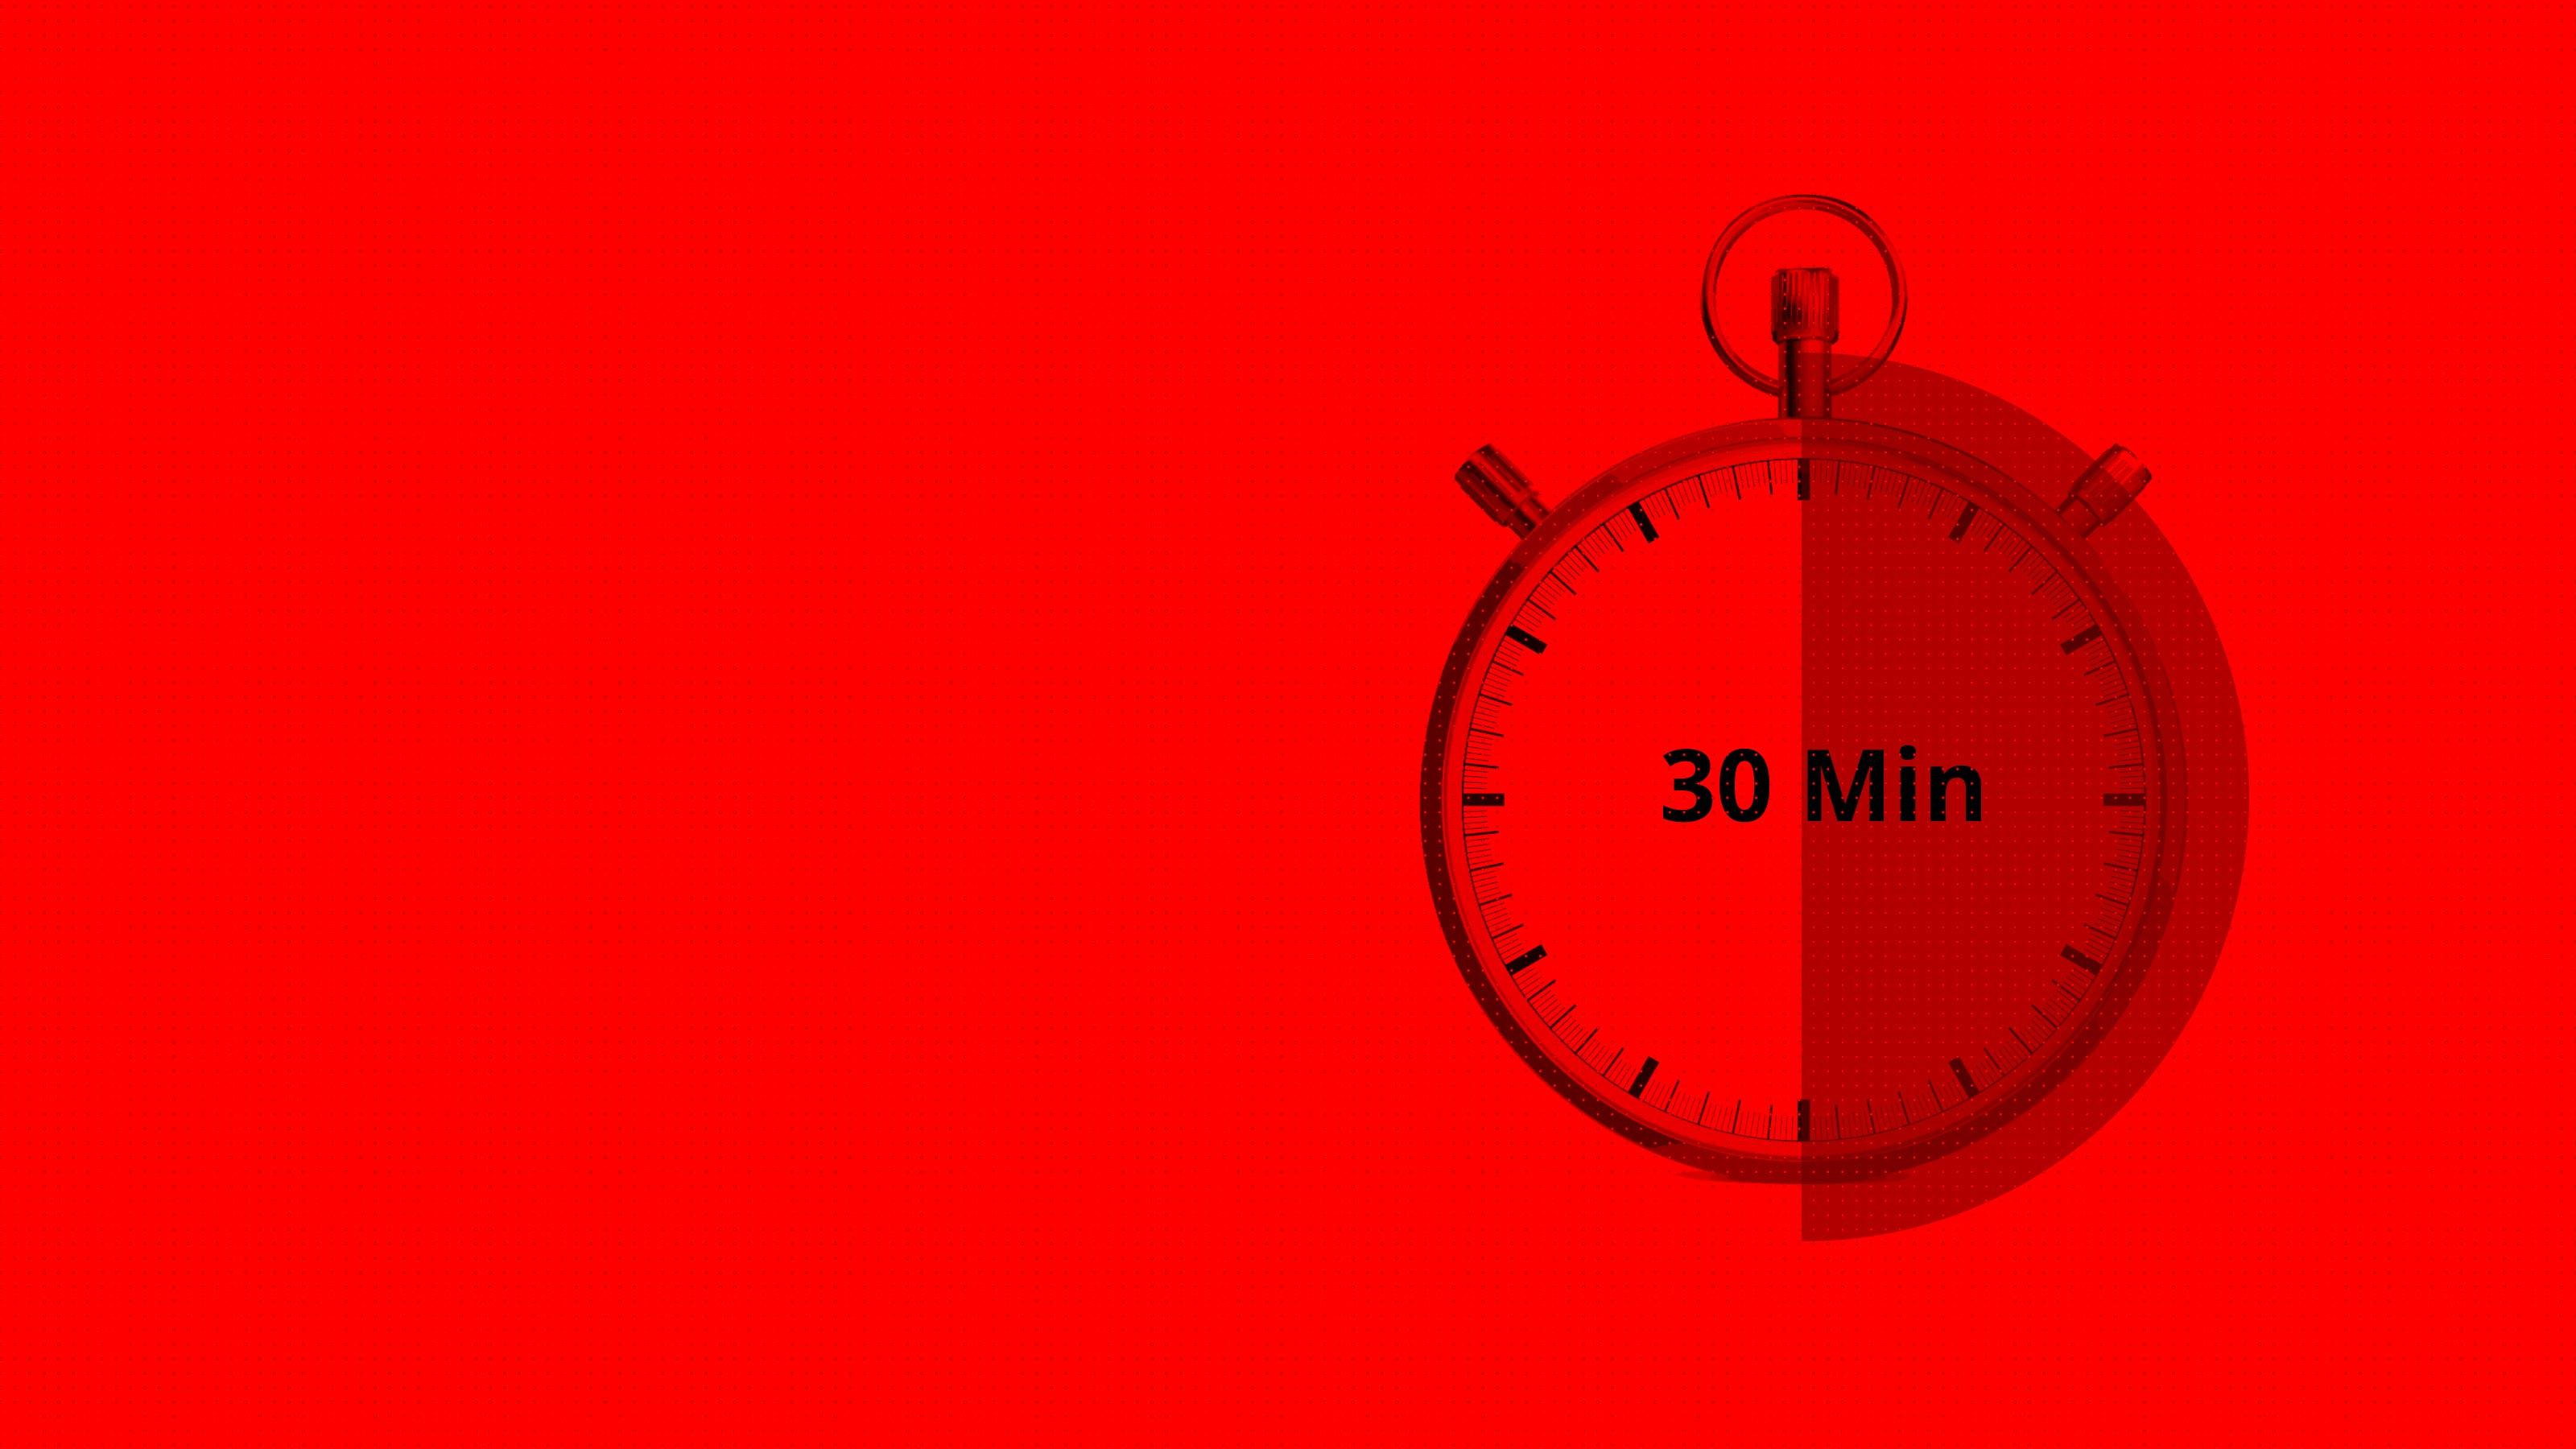 Intervention de dépannage garantie en 30 minutes chrono